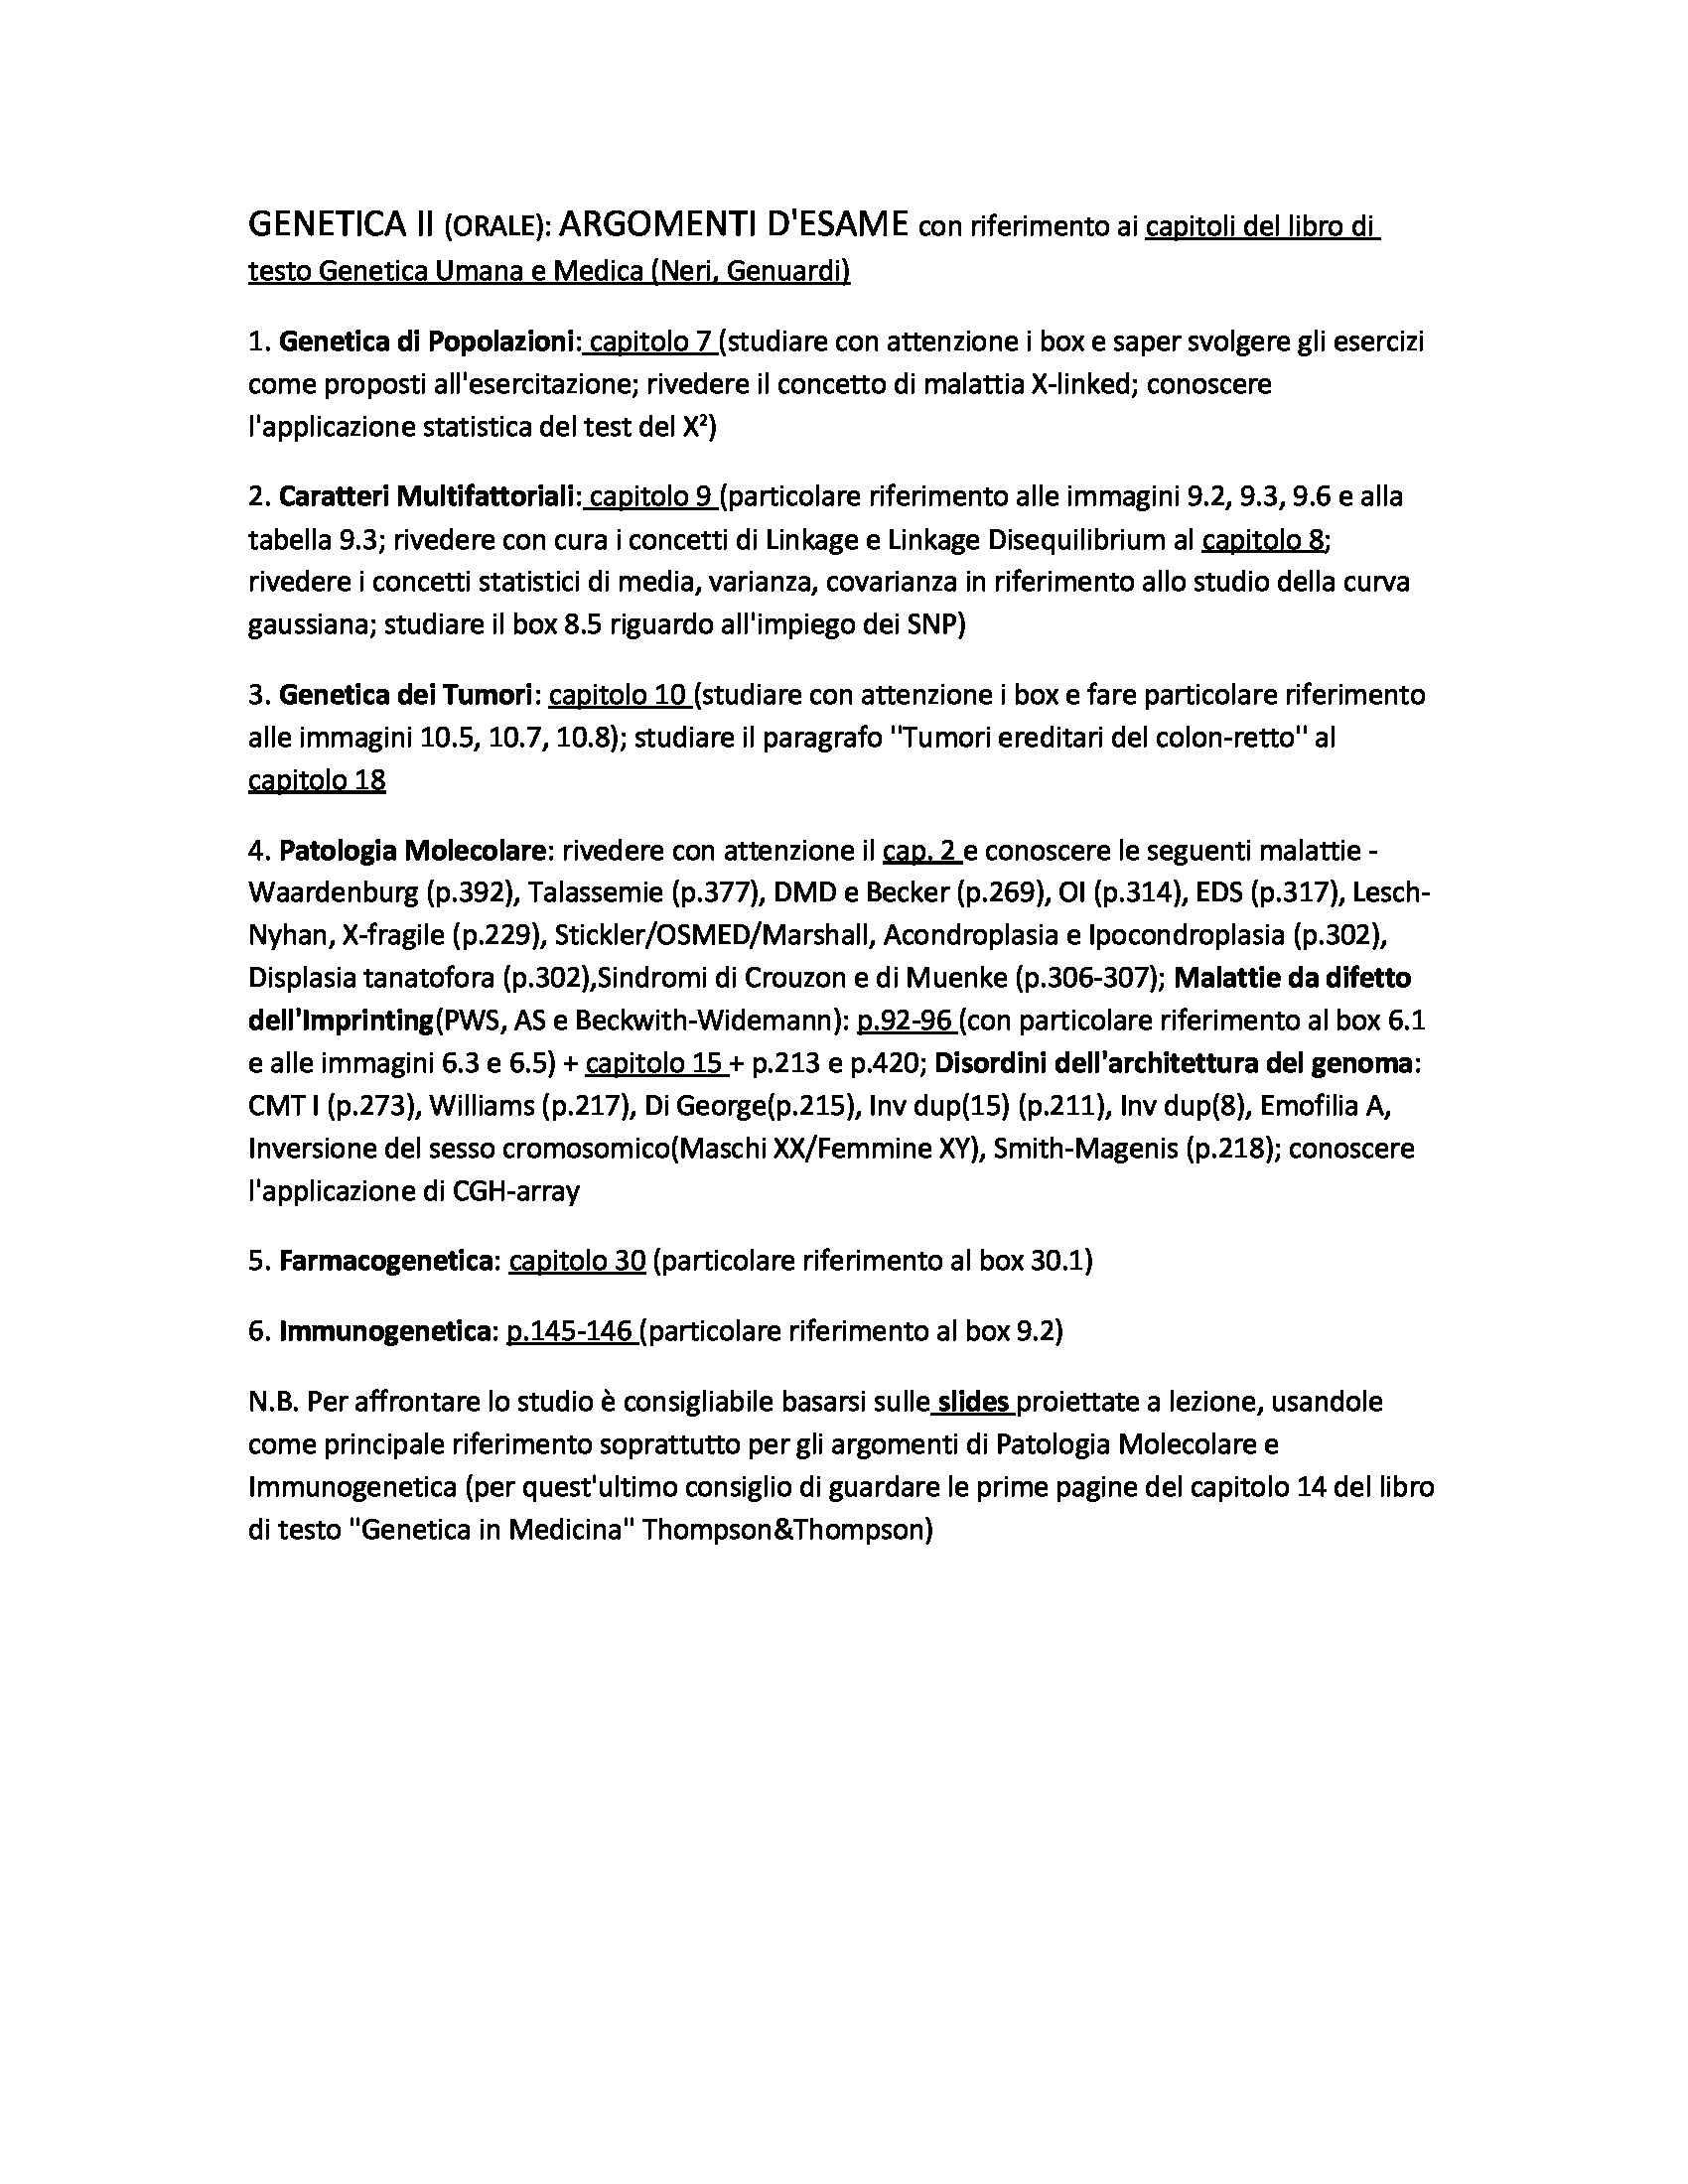 Appunti di Genetica II esame